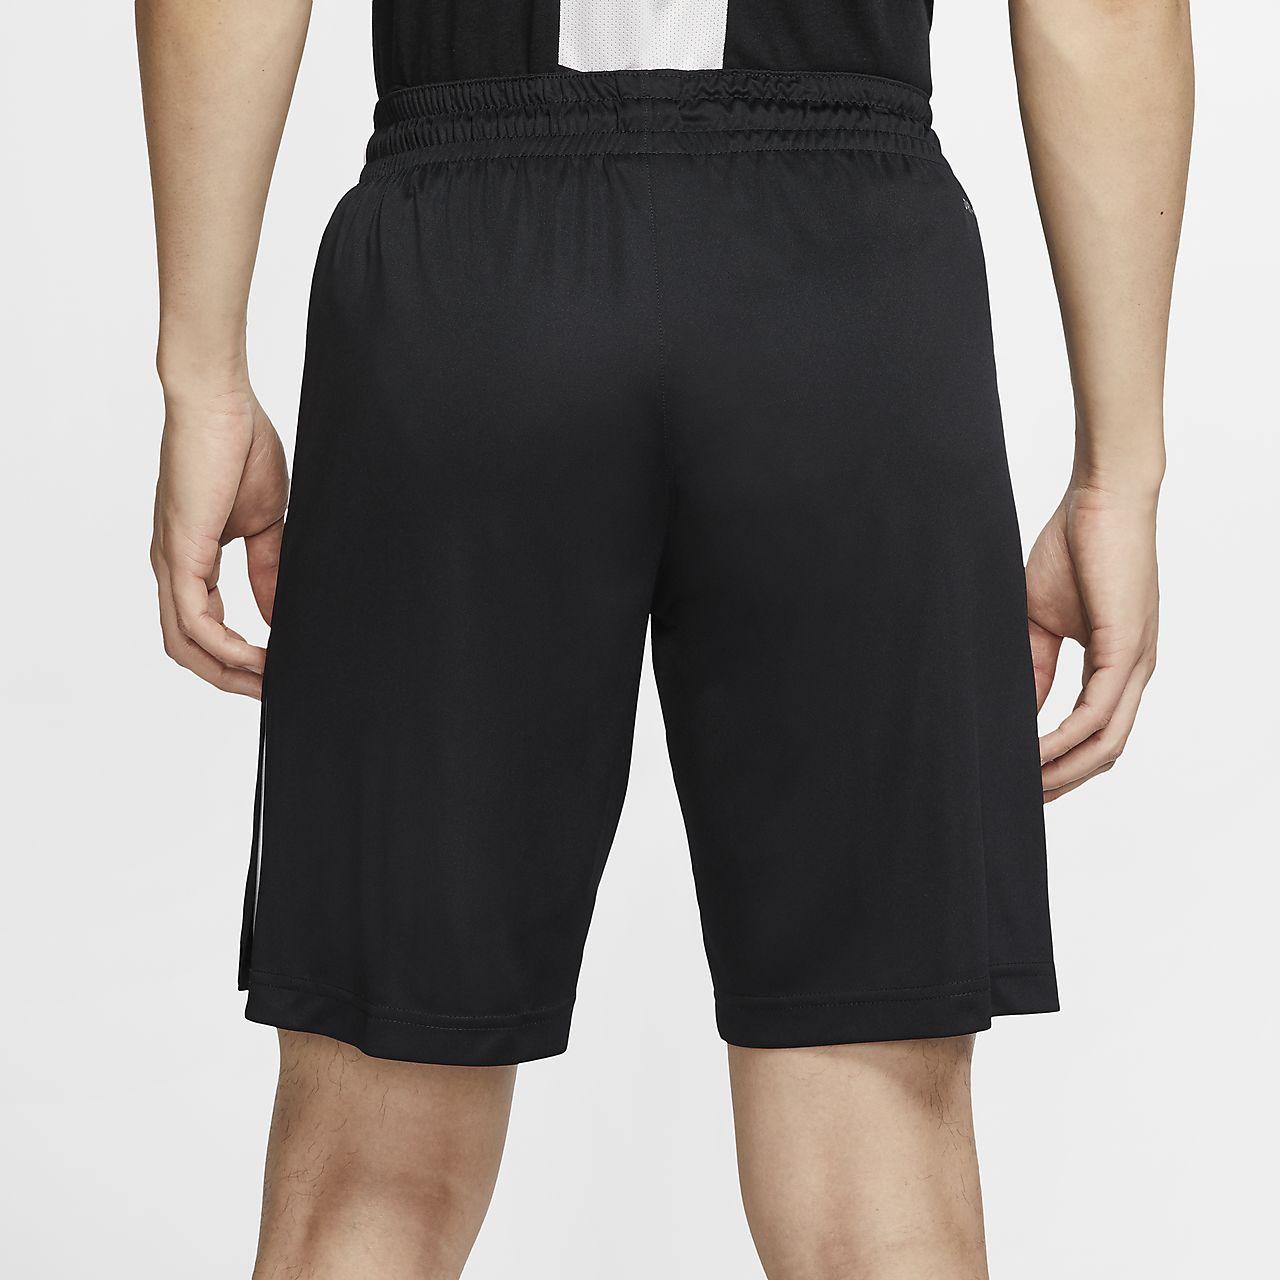 44c2d483651 Jordan Dri-FIT 23 Alpha Men's Training Shorts. Nike.com CA